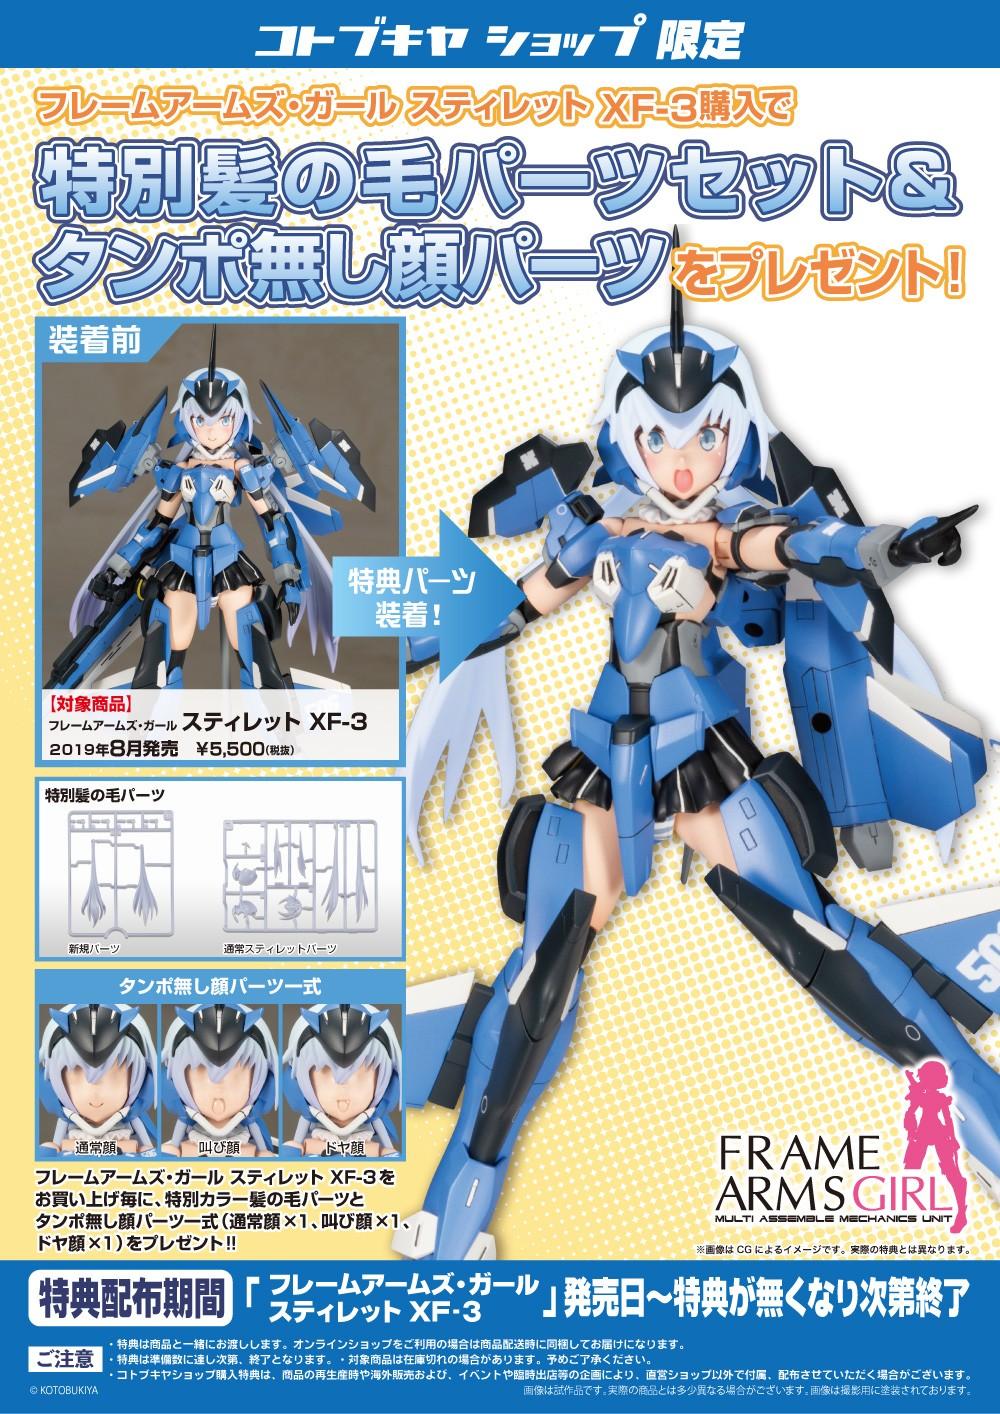 [特典版] Kotobukiya / Frame Arms Girl / 骨裝機娘 / Stylet 史蒂蕾特 / XF-3 / 組裝模型